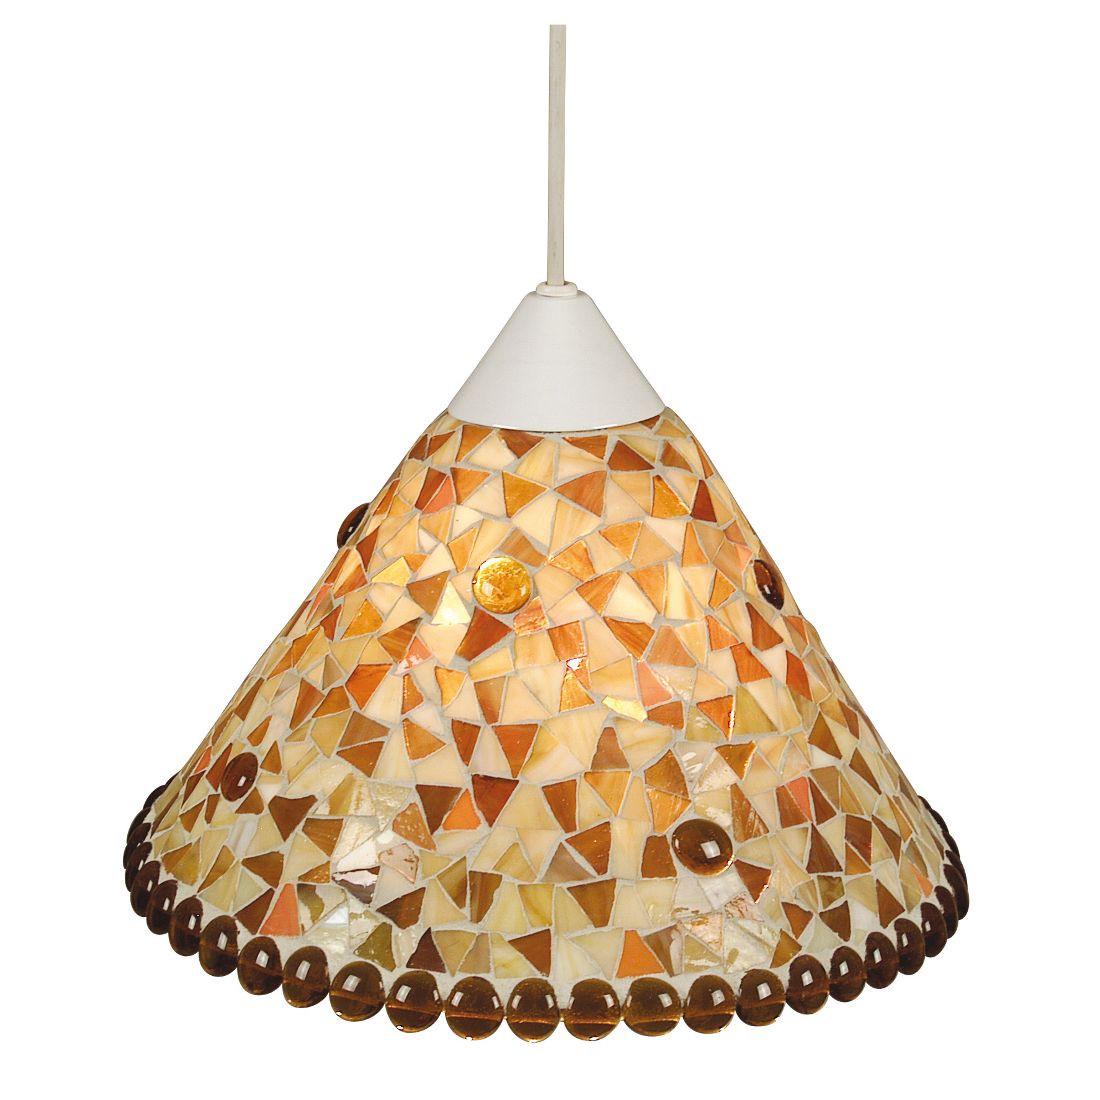 Mosaik-Pendelleuchte - Apricot, Lux